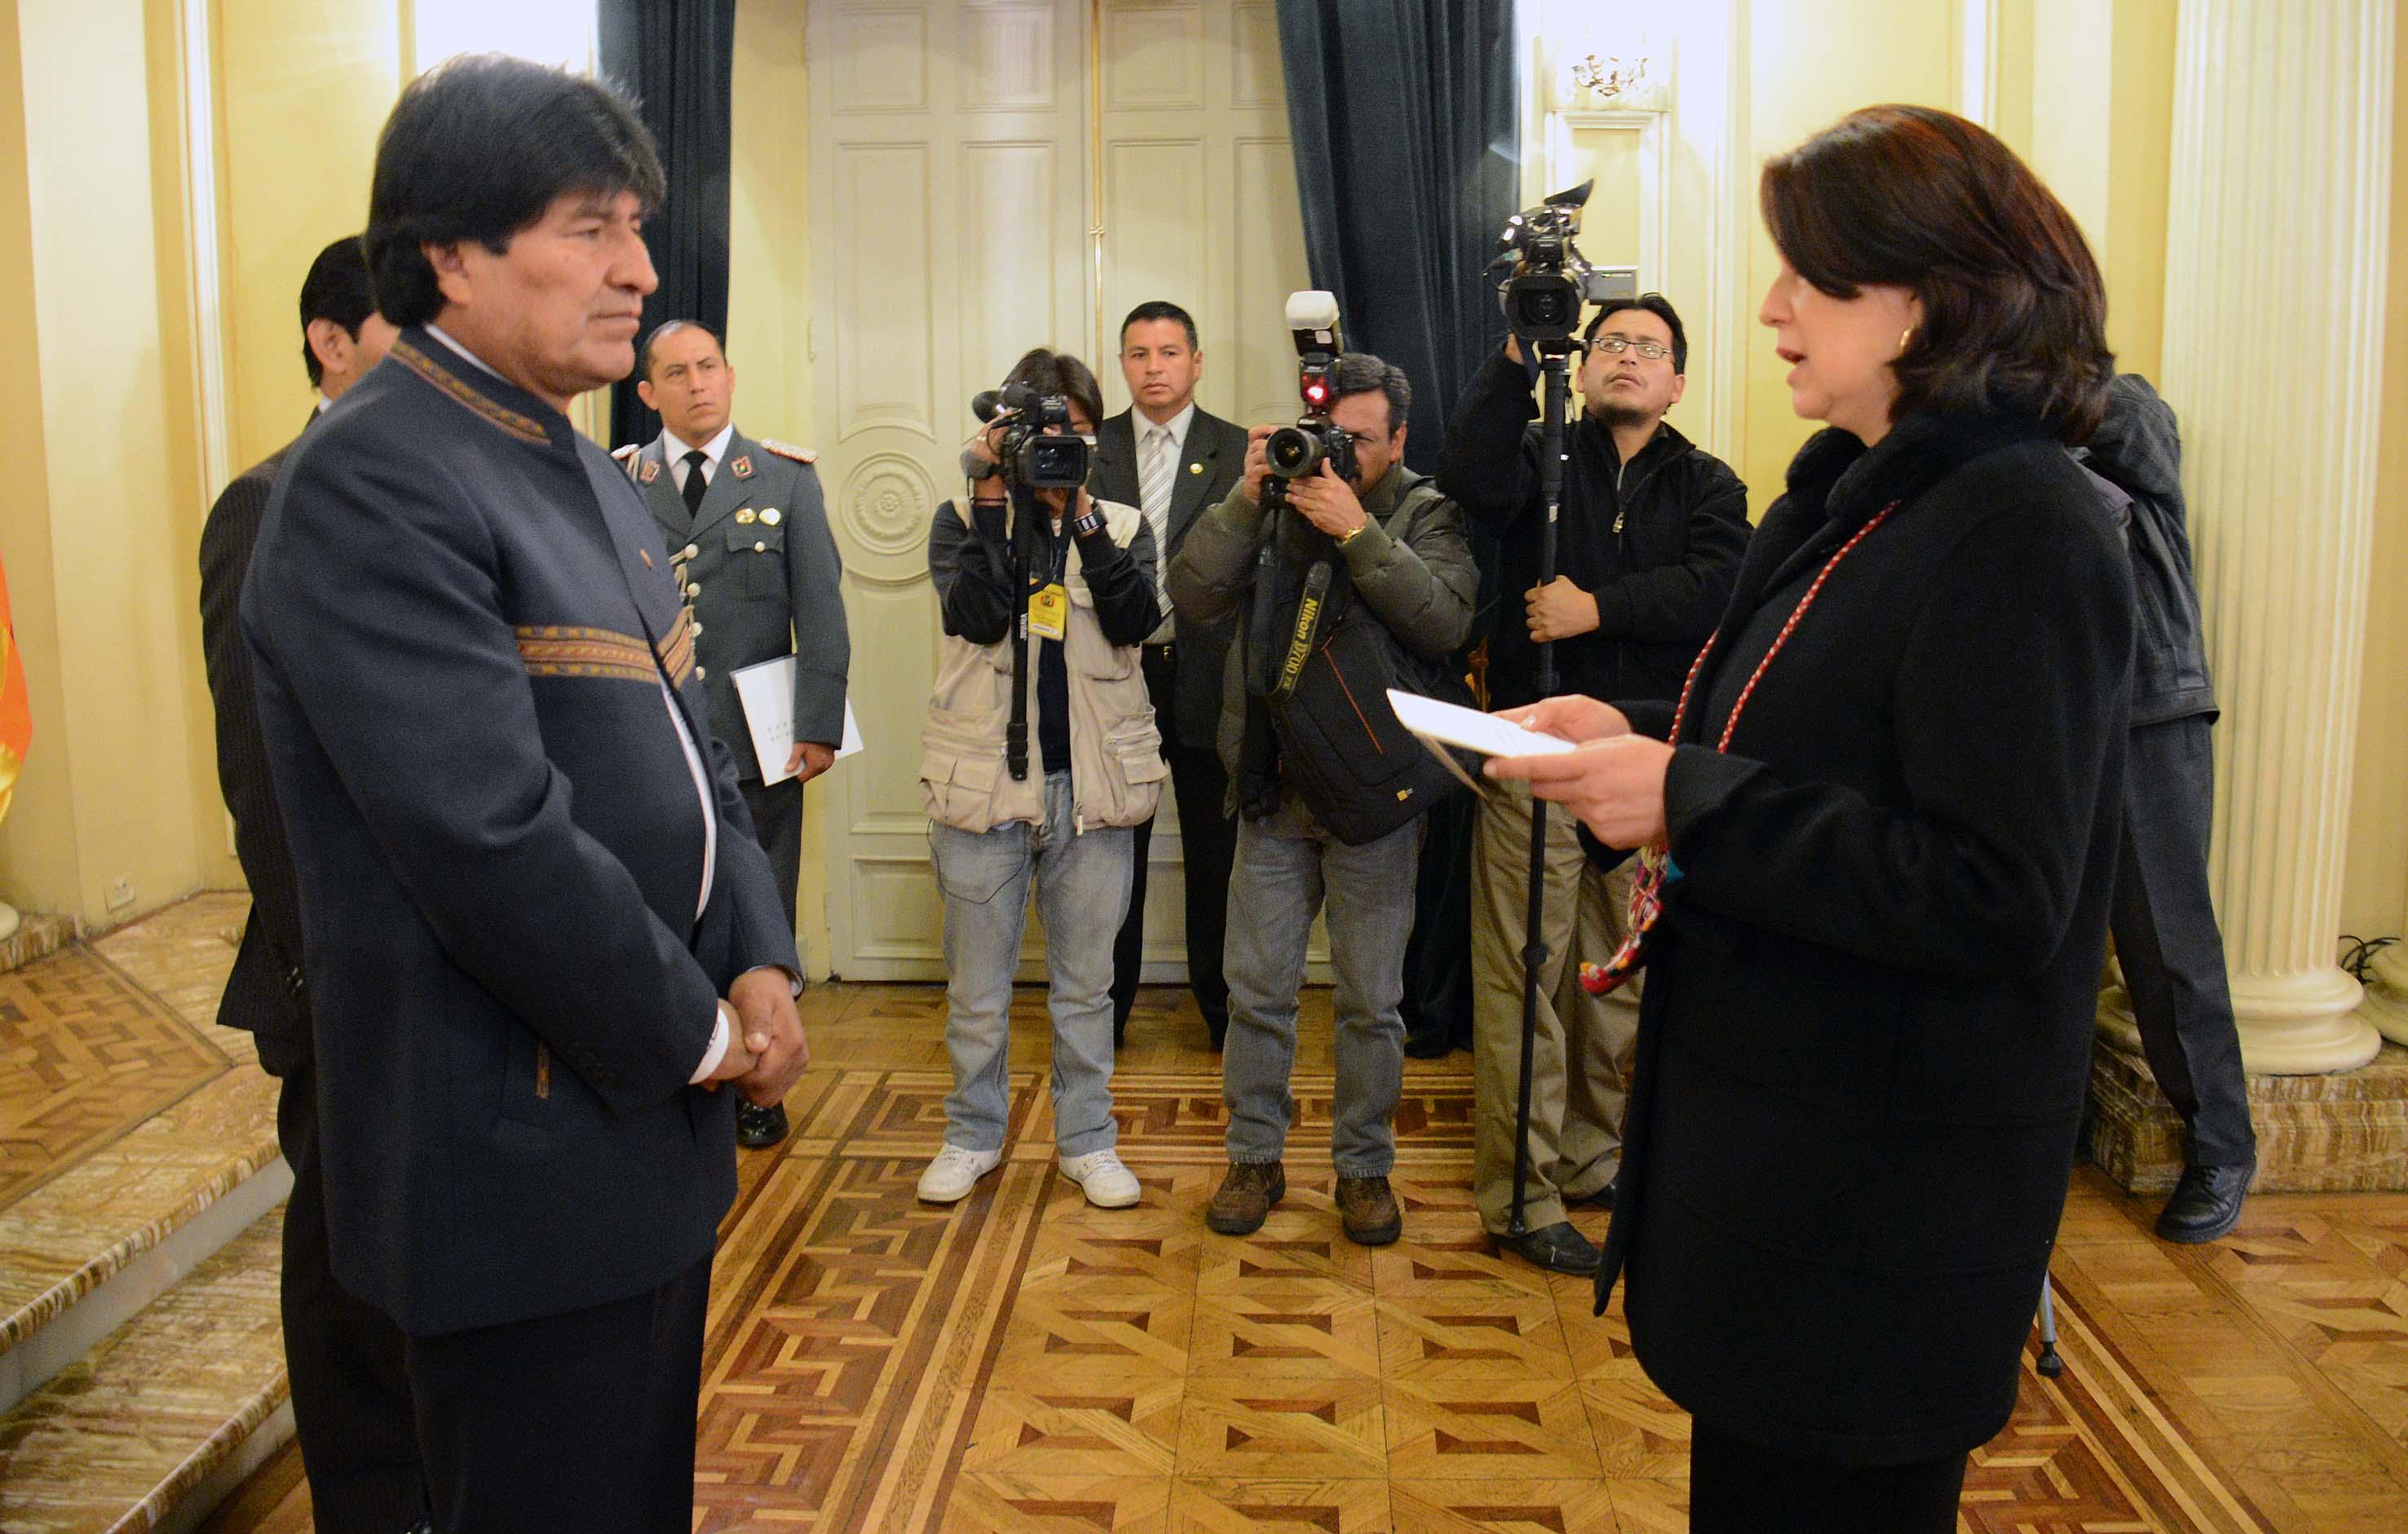 Cartas Credenciales del Embajadora de Colombia en Bolivia